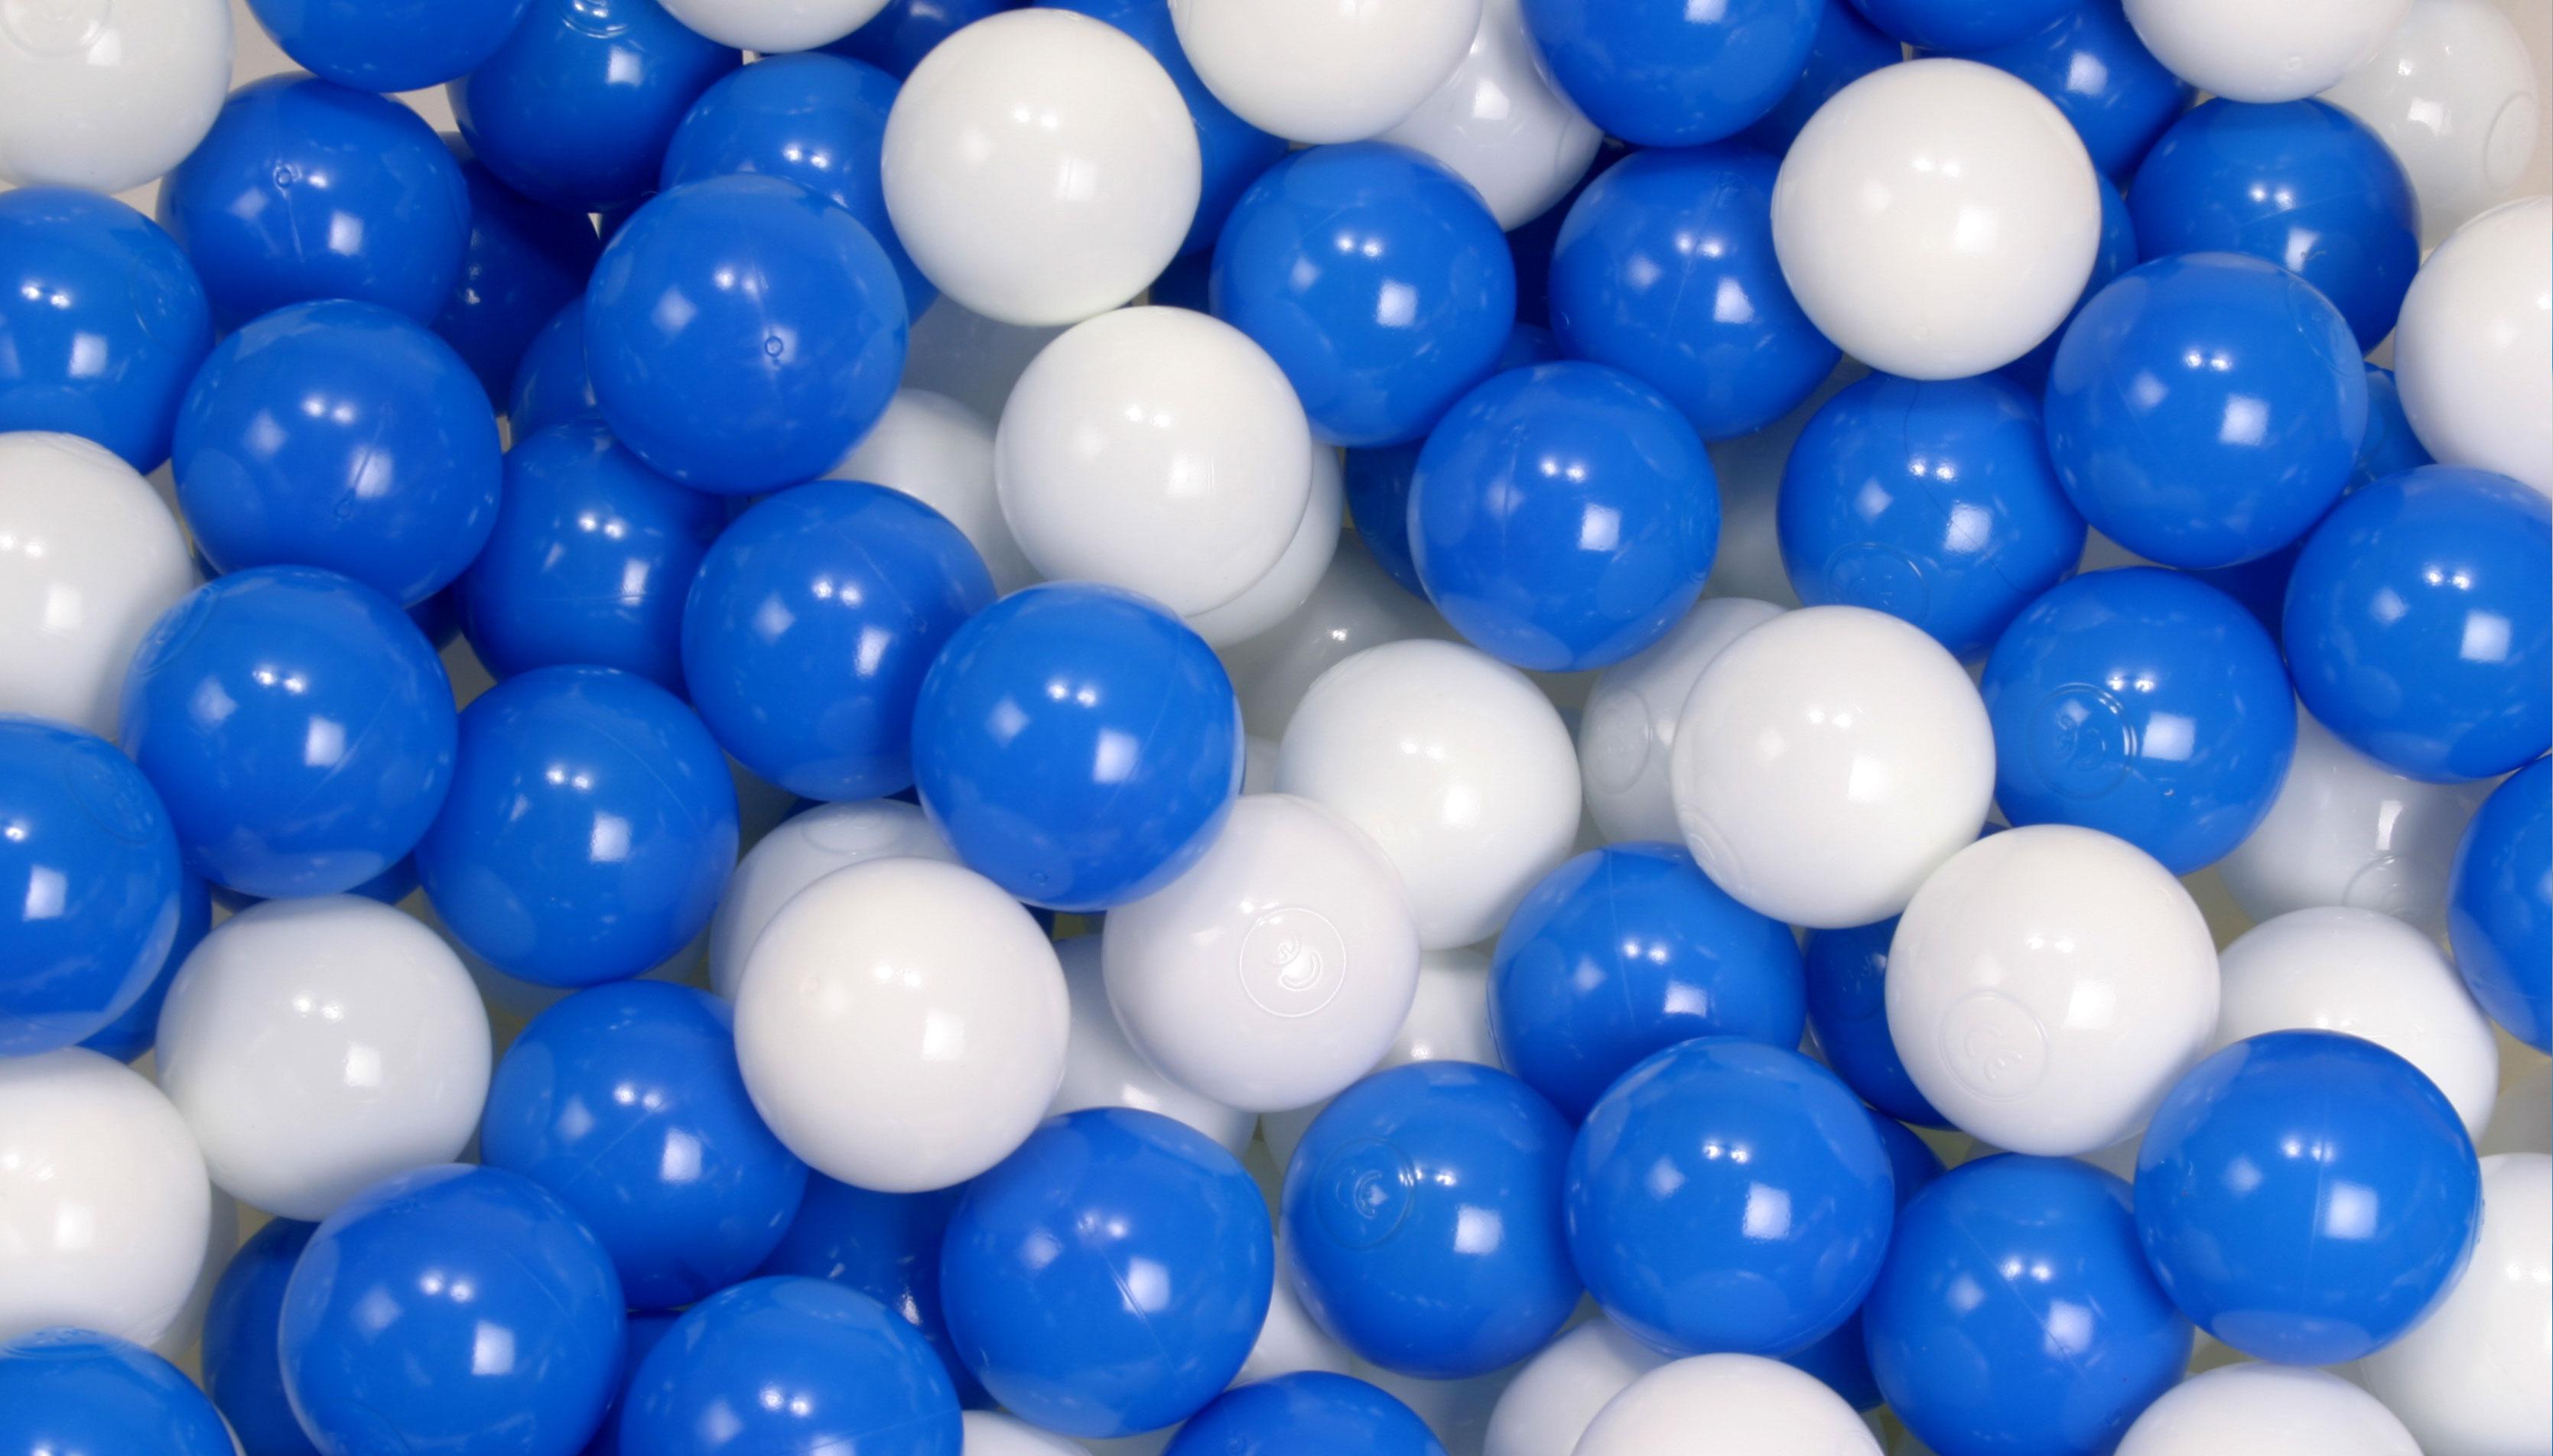 ボールプール用カラーボール ハーフ&ハーフ 白x青